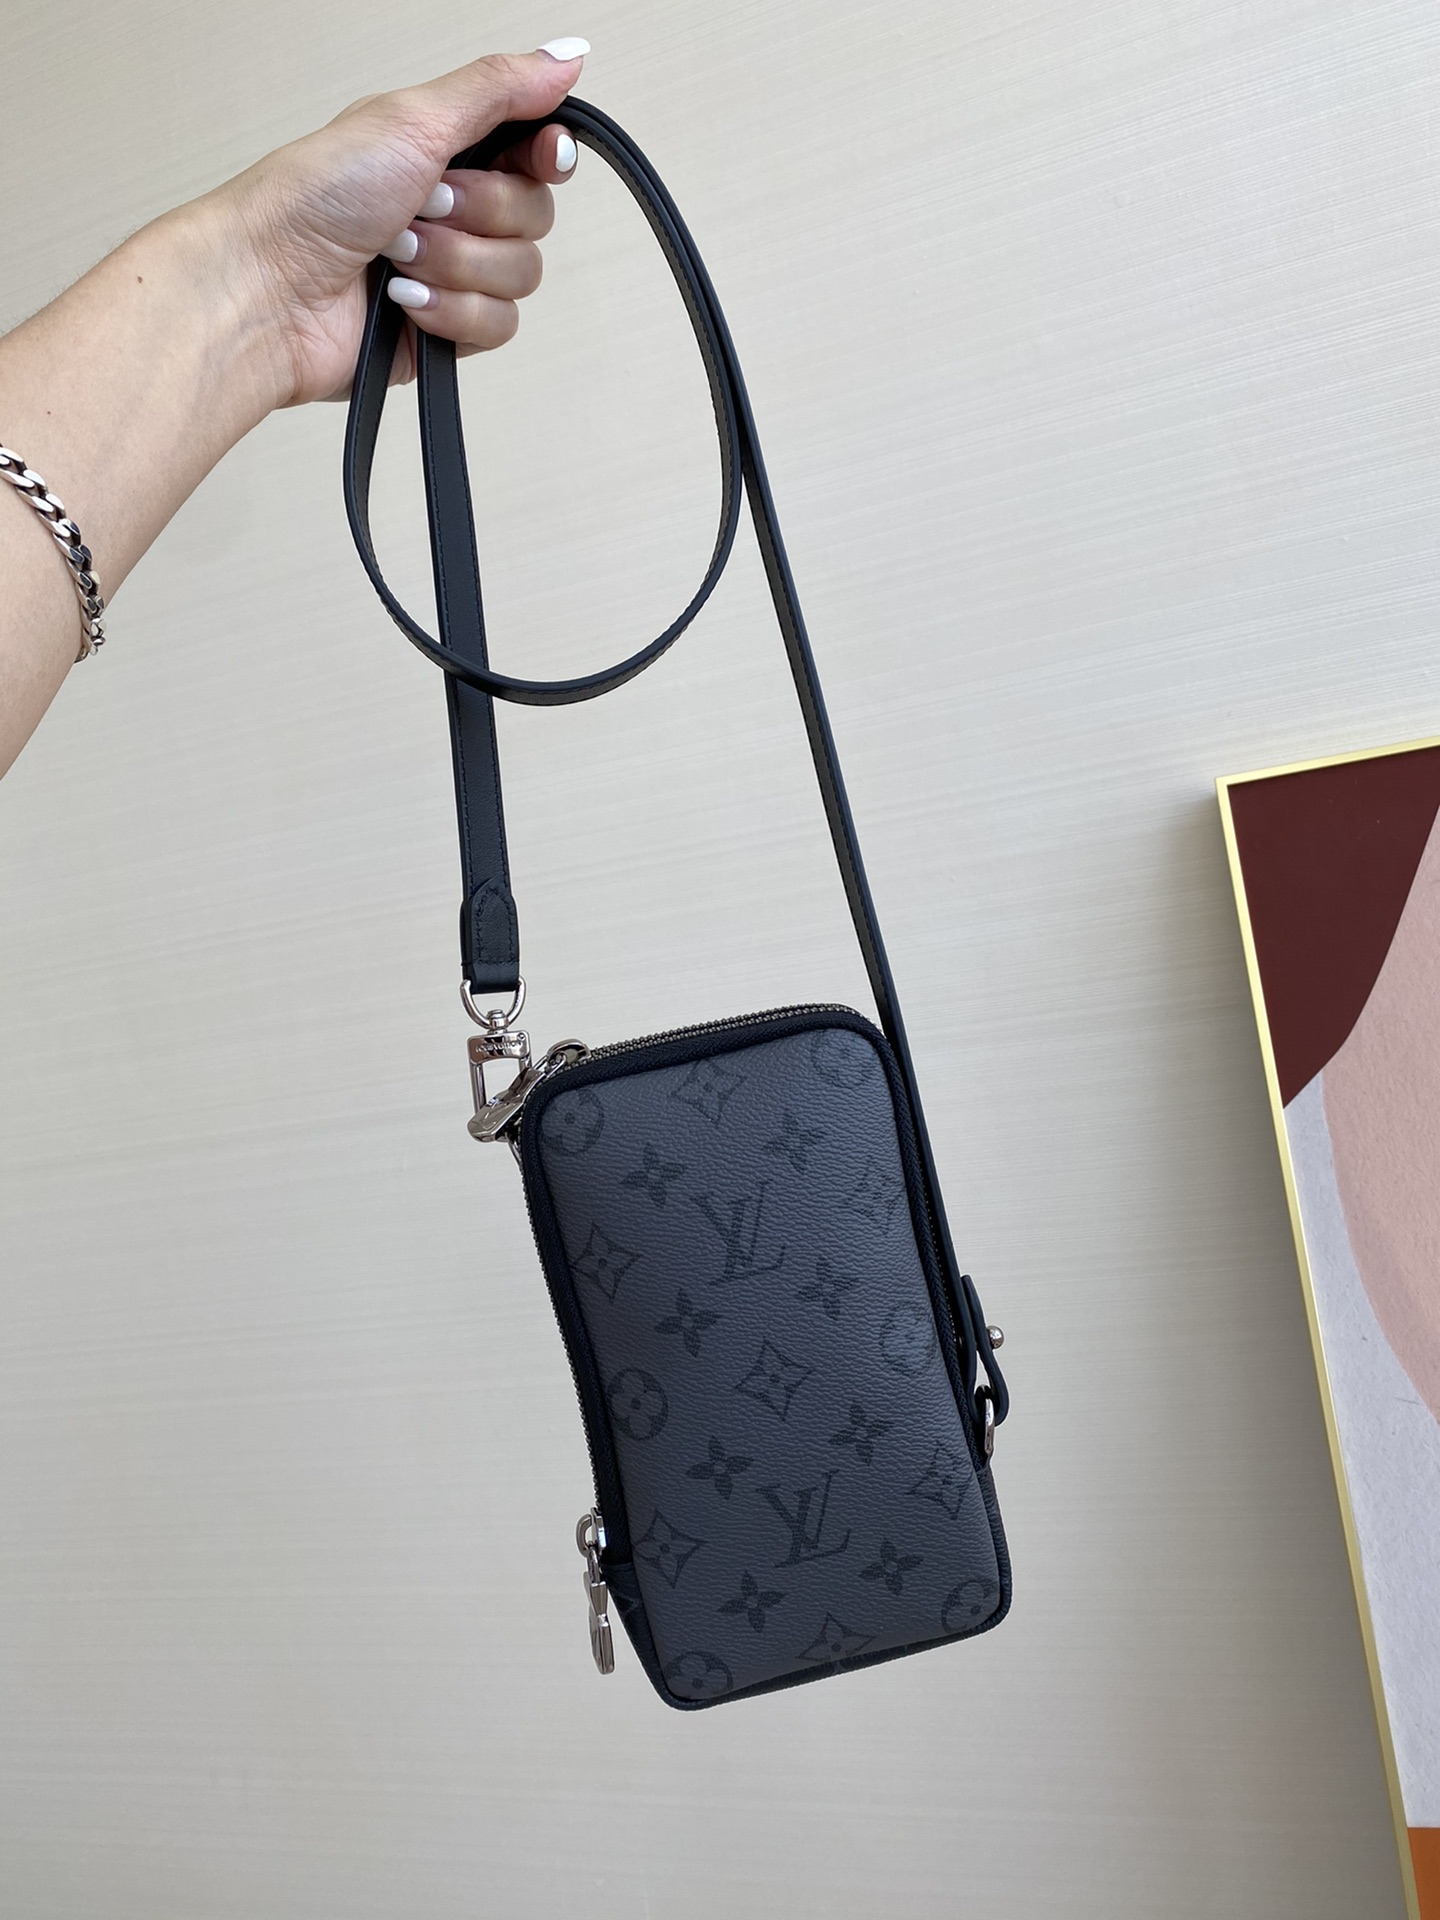 【¥720】LV时尚手机包69534 低调实用 两面双色搭配